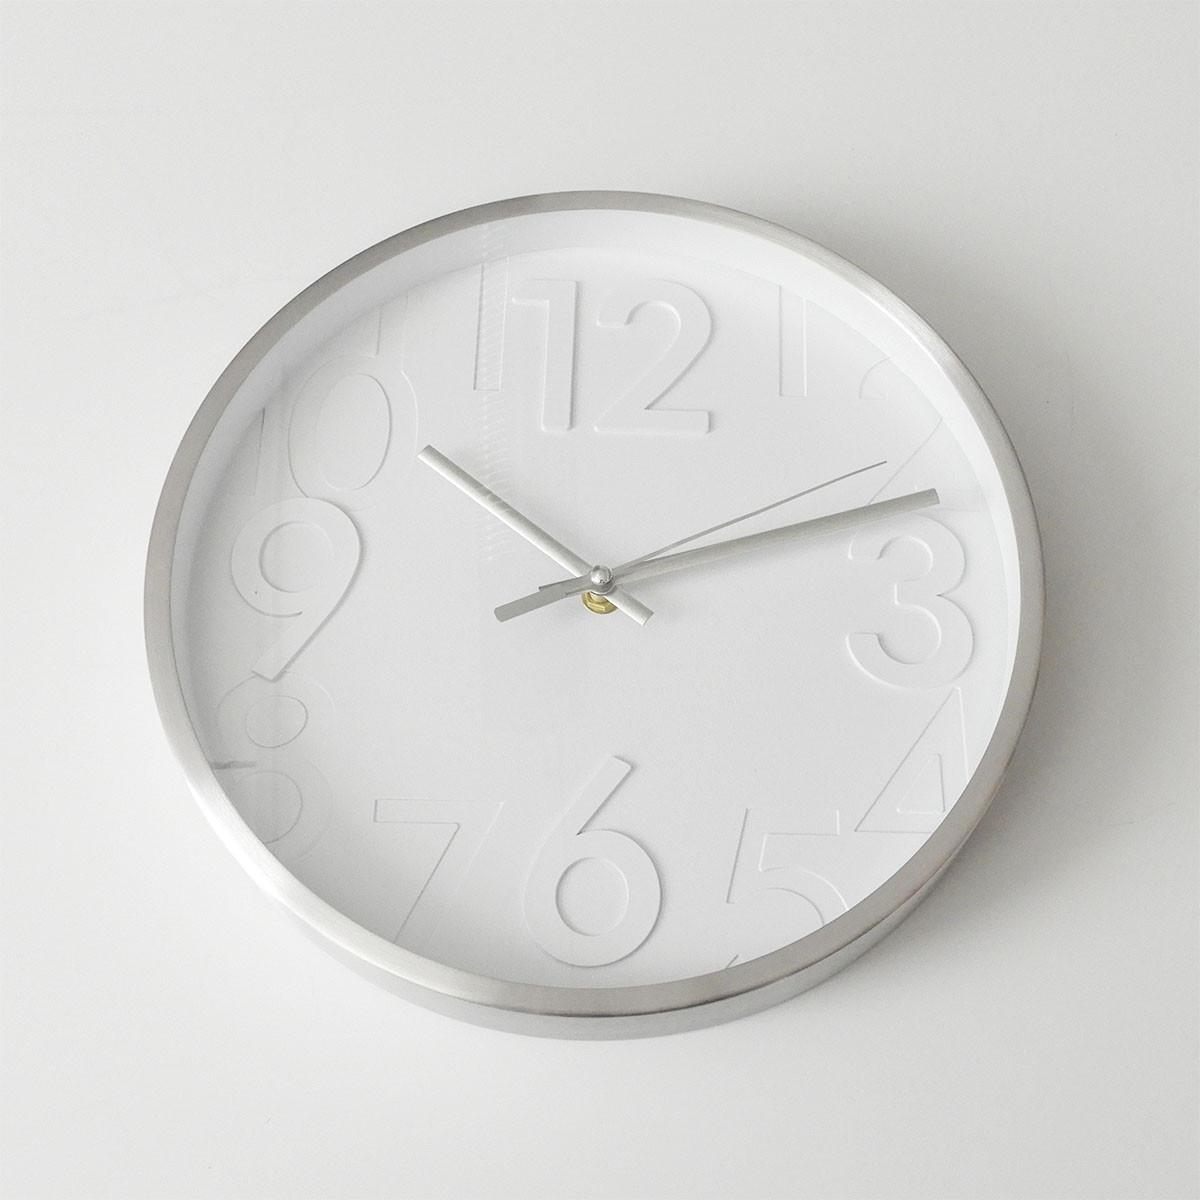 """Casablanca Uhr """"Bianco"""" D: 28 cm Alu gebürstet/Weiß"""